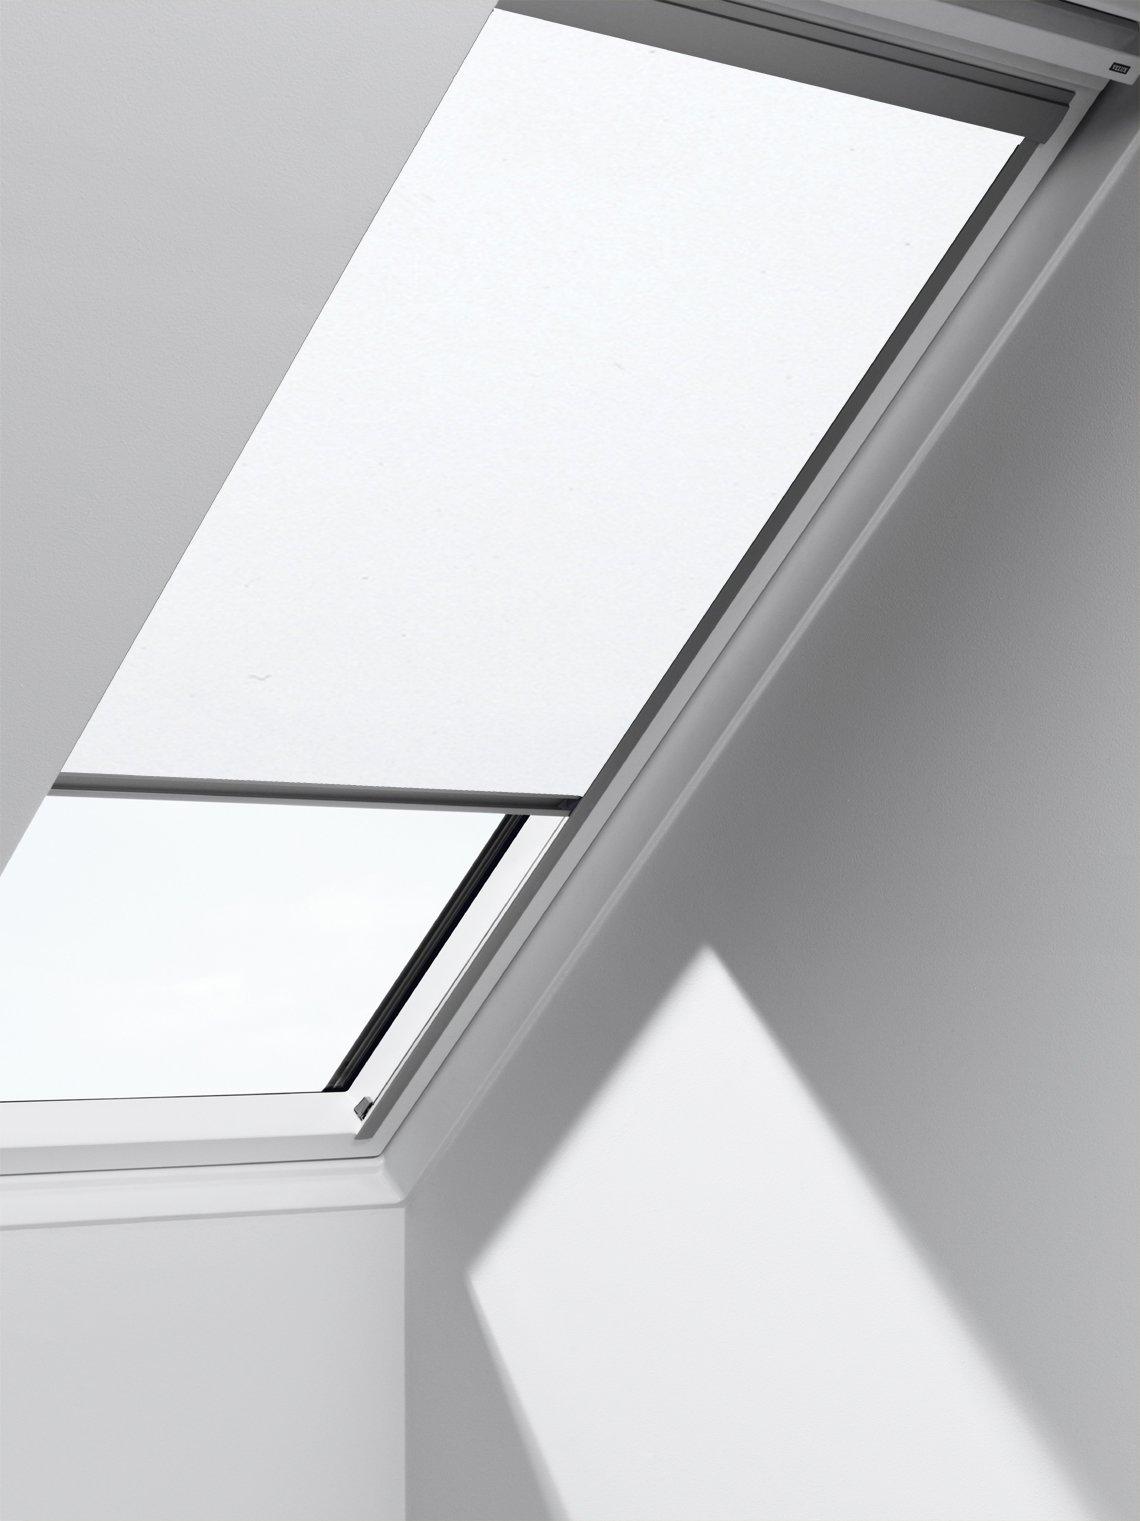 velux window blinds the blind shop. Black Bedroom Furniture Sets. Home Design Ideas